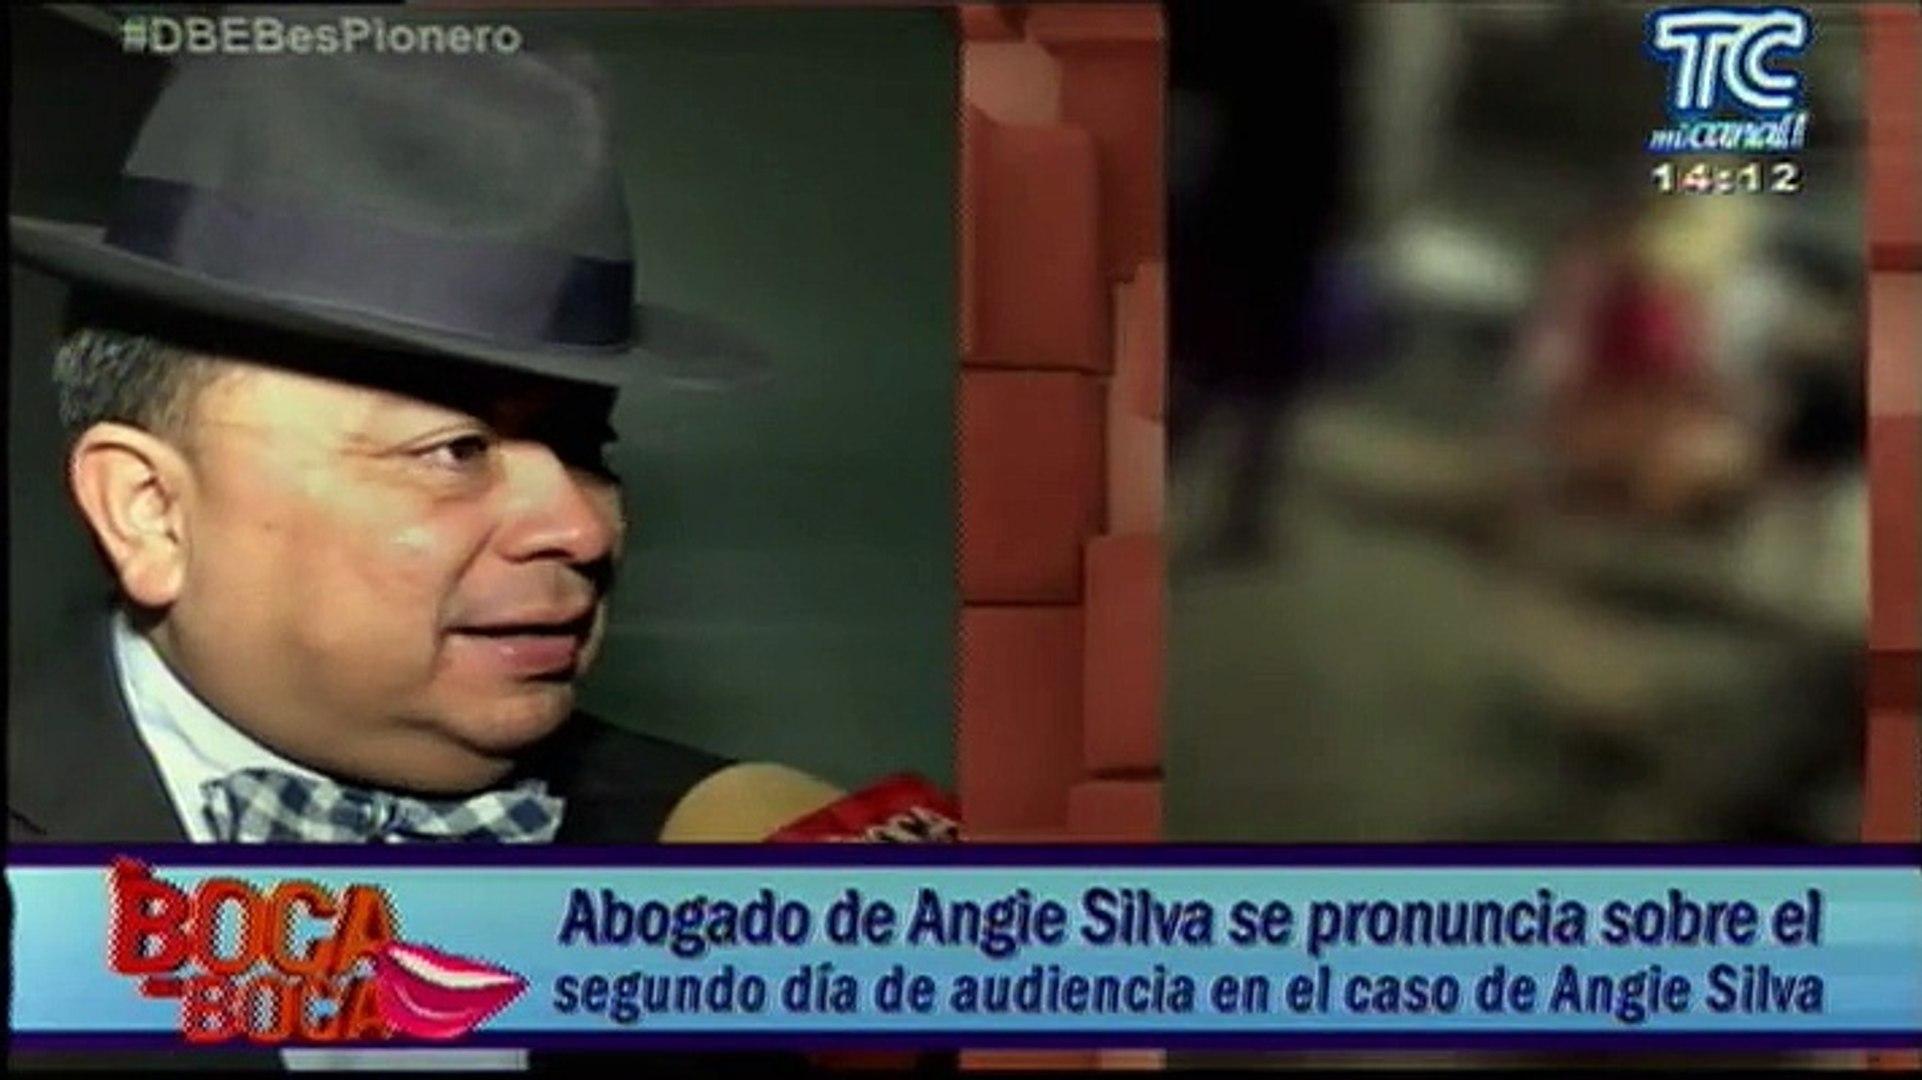 Abogado de Angie Silva se pronuncia sobre el segundo día de audiencia en el caso de Angie Silva